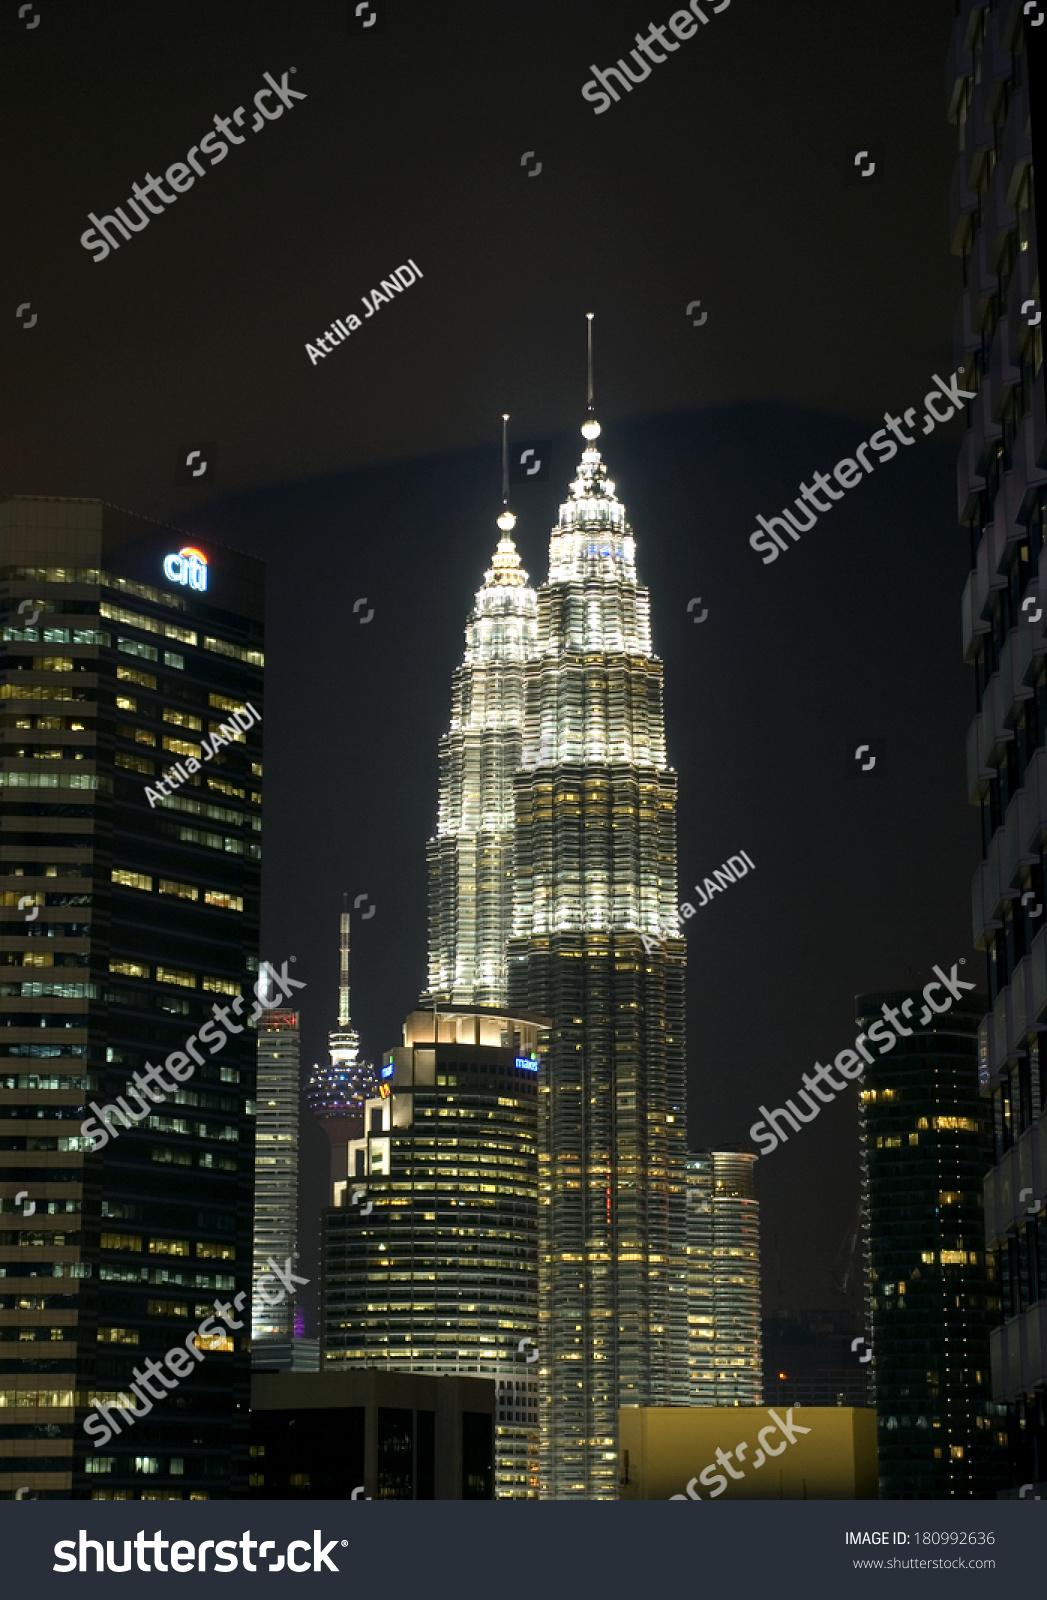 Kuala lumpur malaysia march 7 petronas stock photo 180992636 kuala lumpur malaysia march 7 petronas tower by night at 7 march buycottarizona Gallery